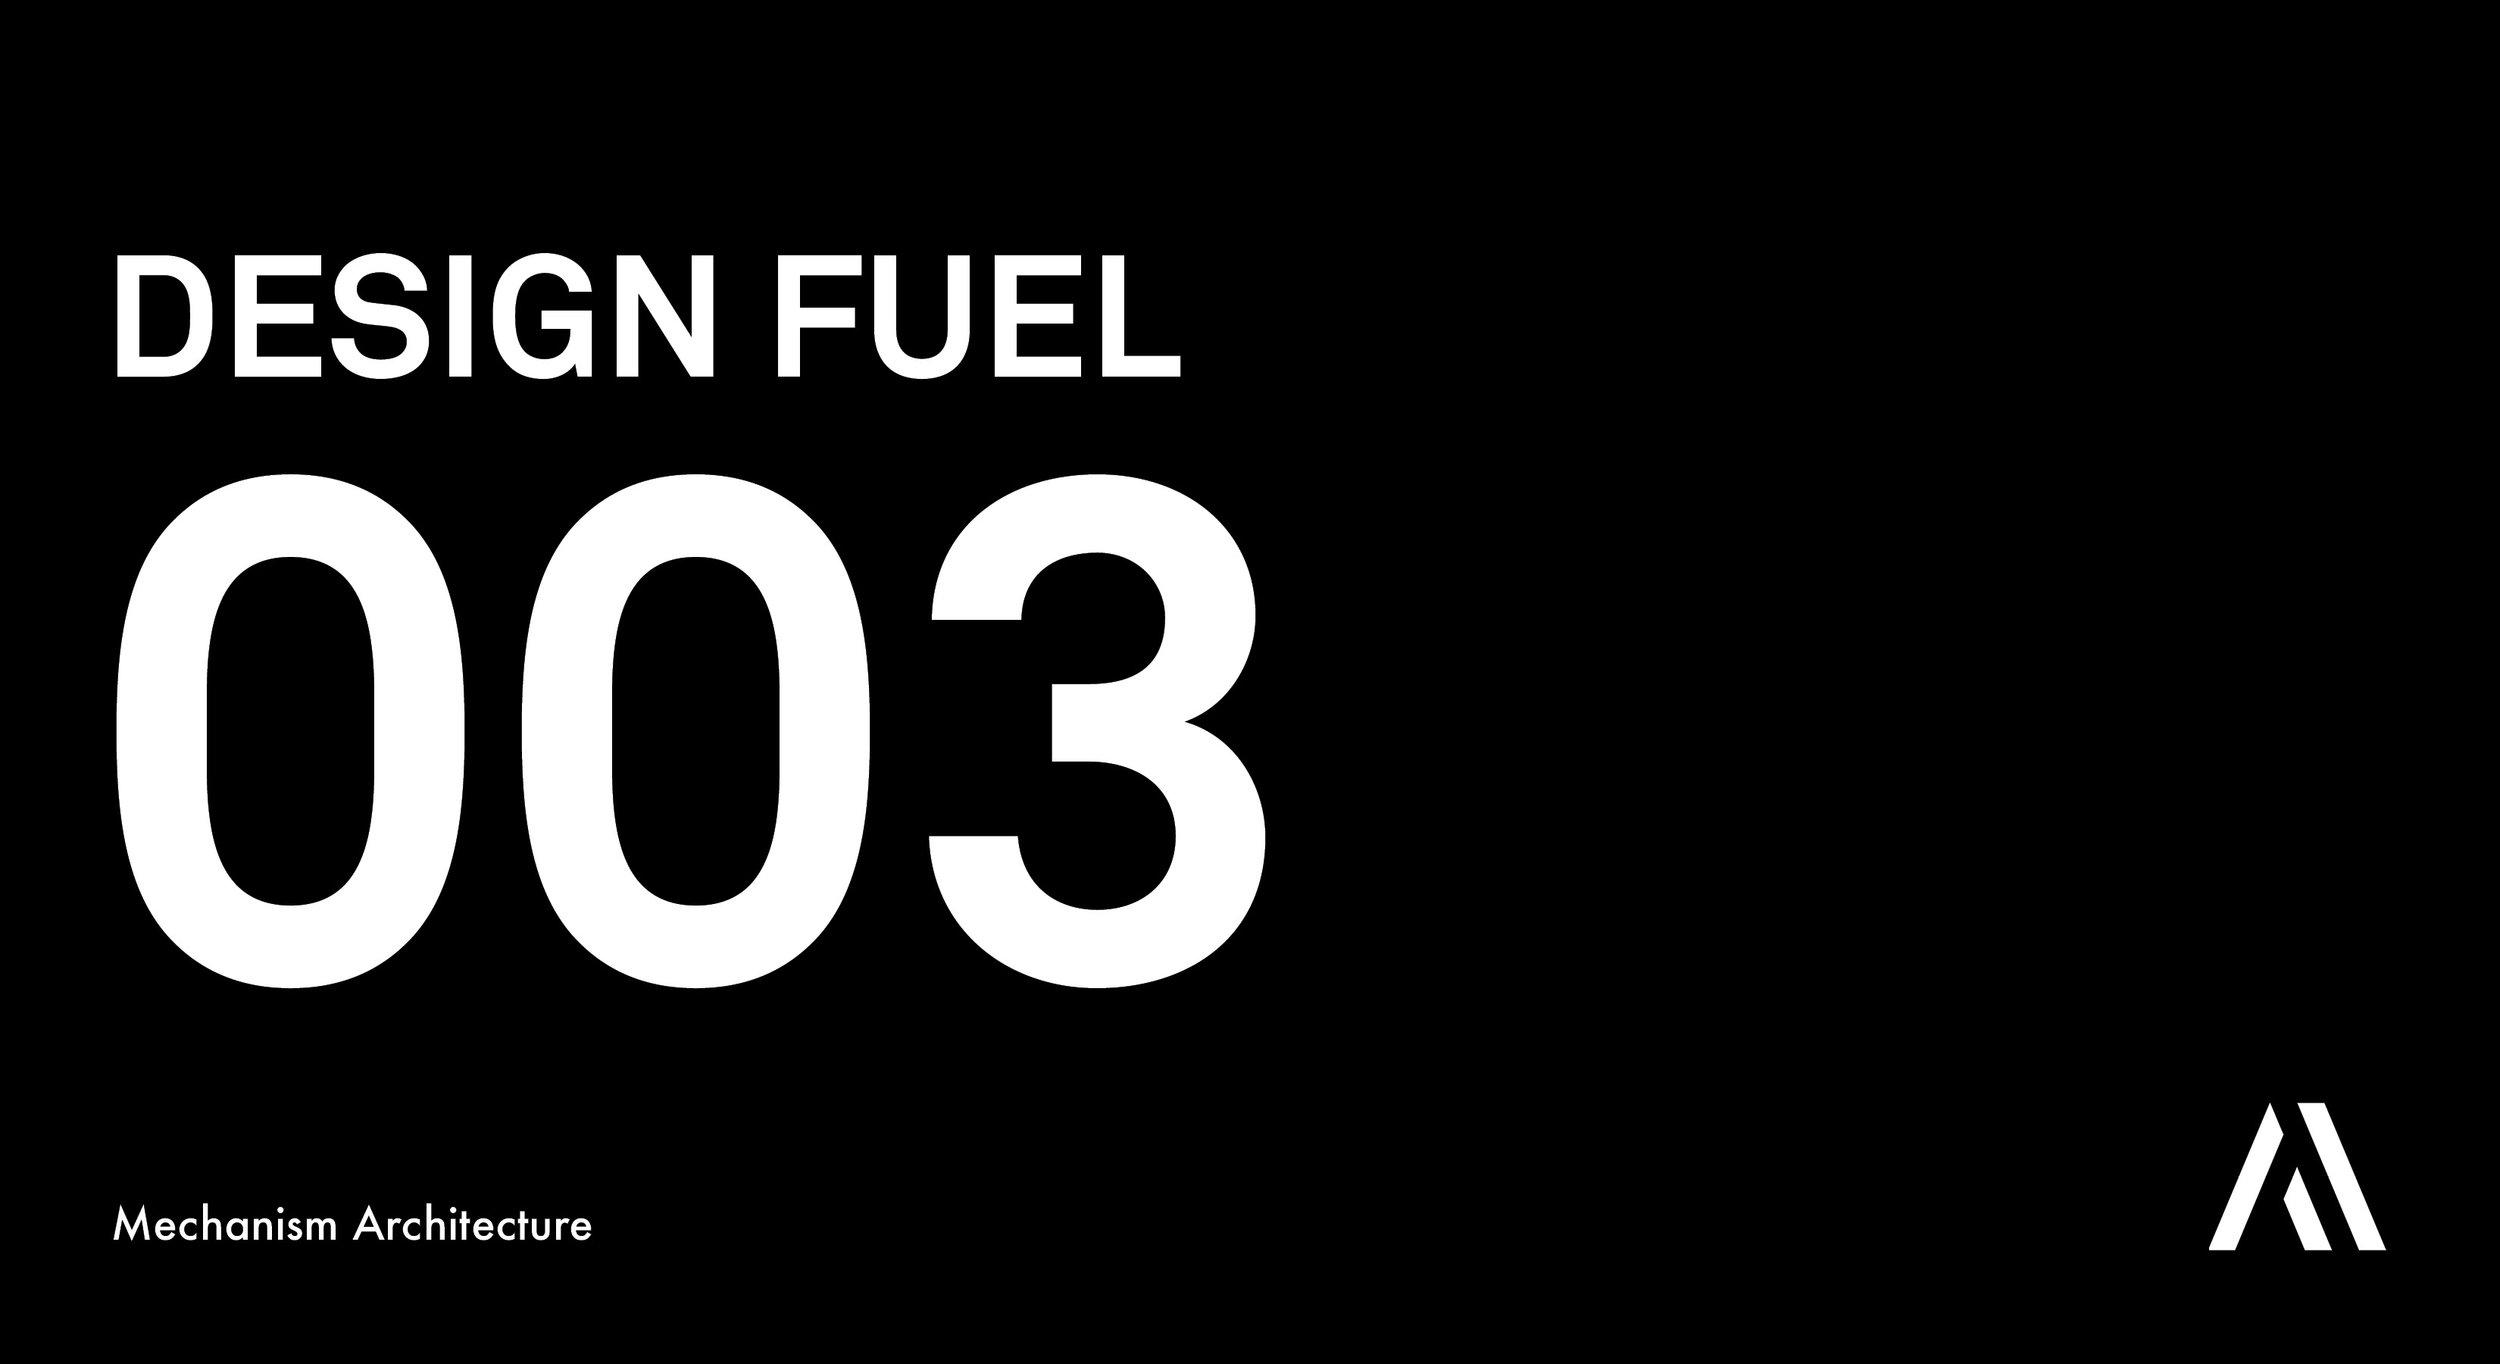 Design Fuel TItle slide 003.jpg